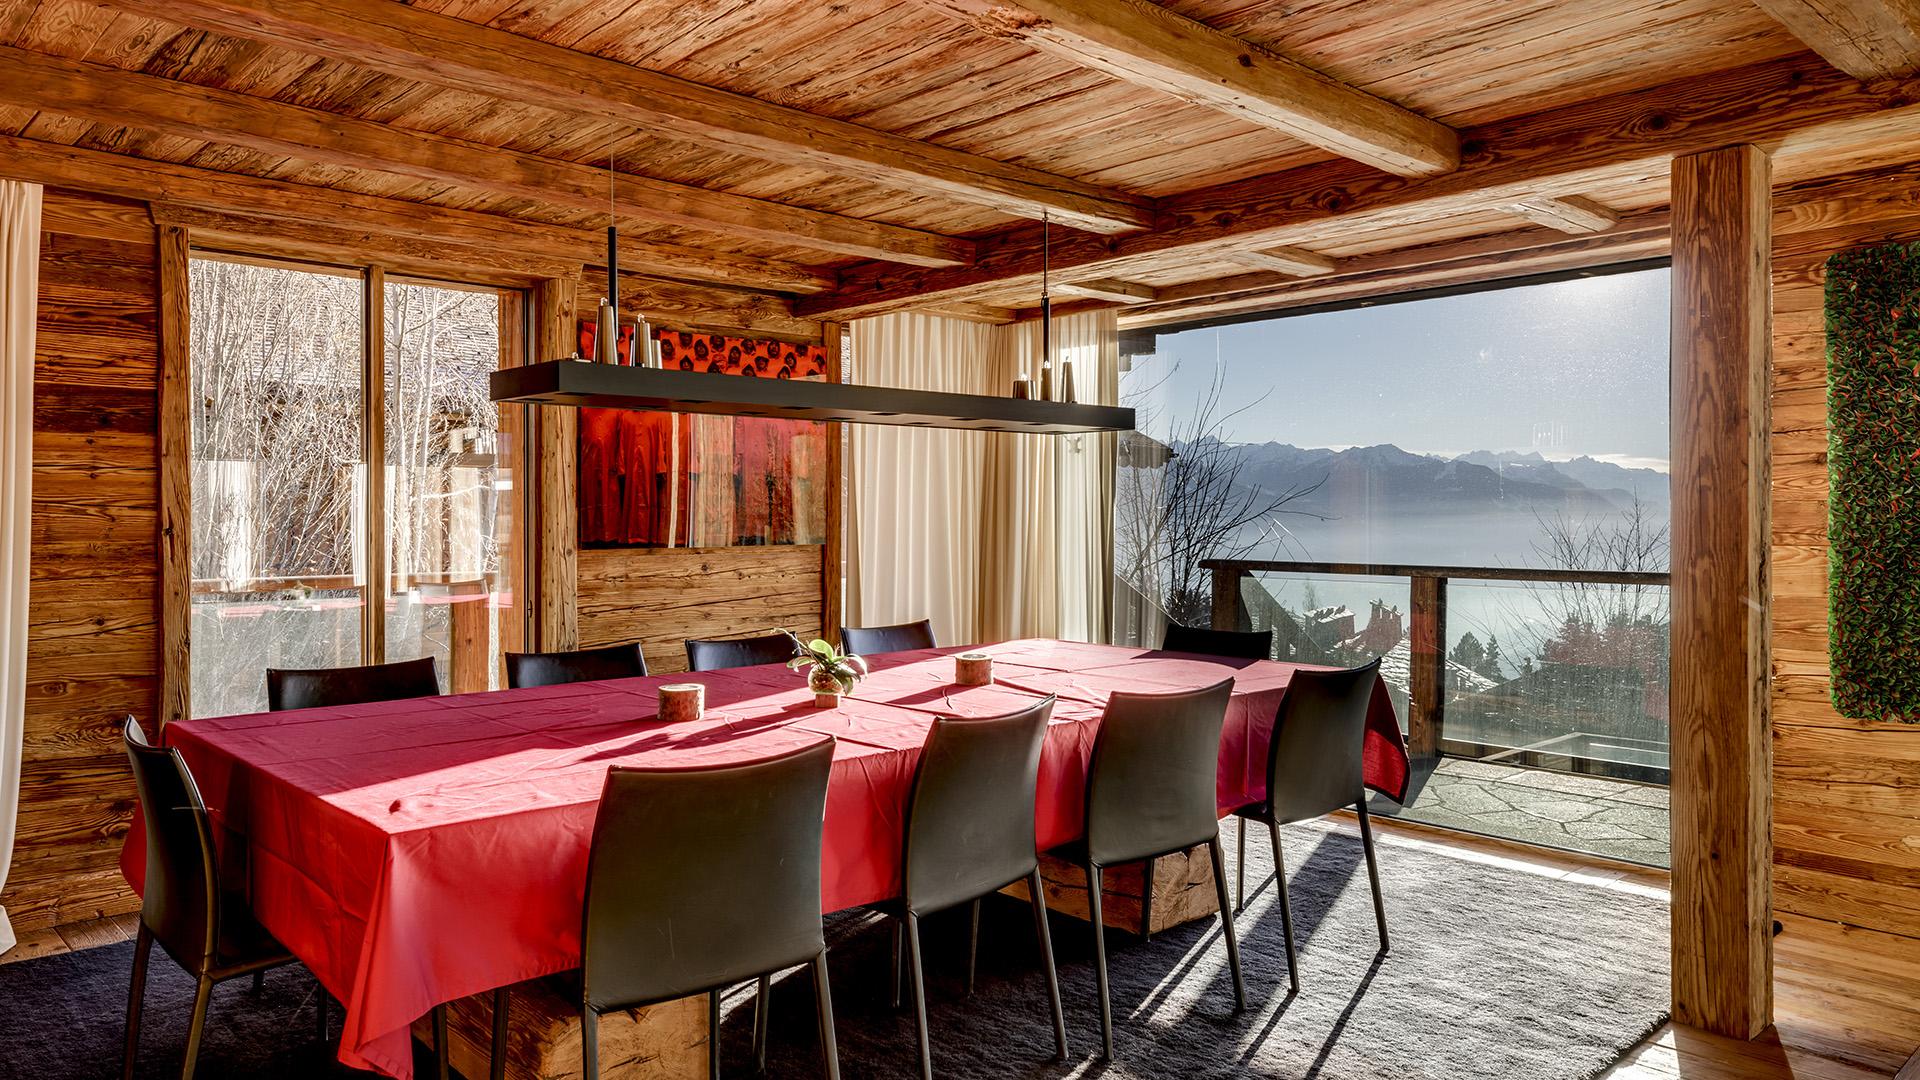 Chalet Cumbia Chalet, Switzerland